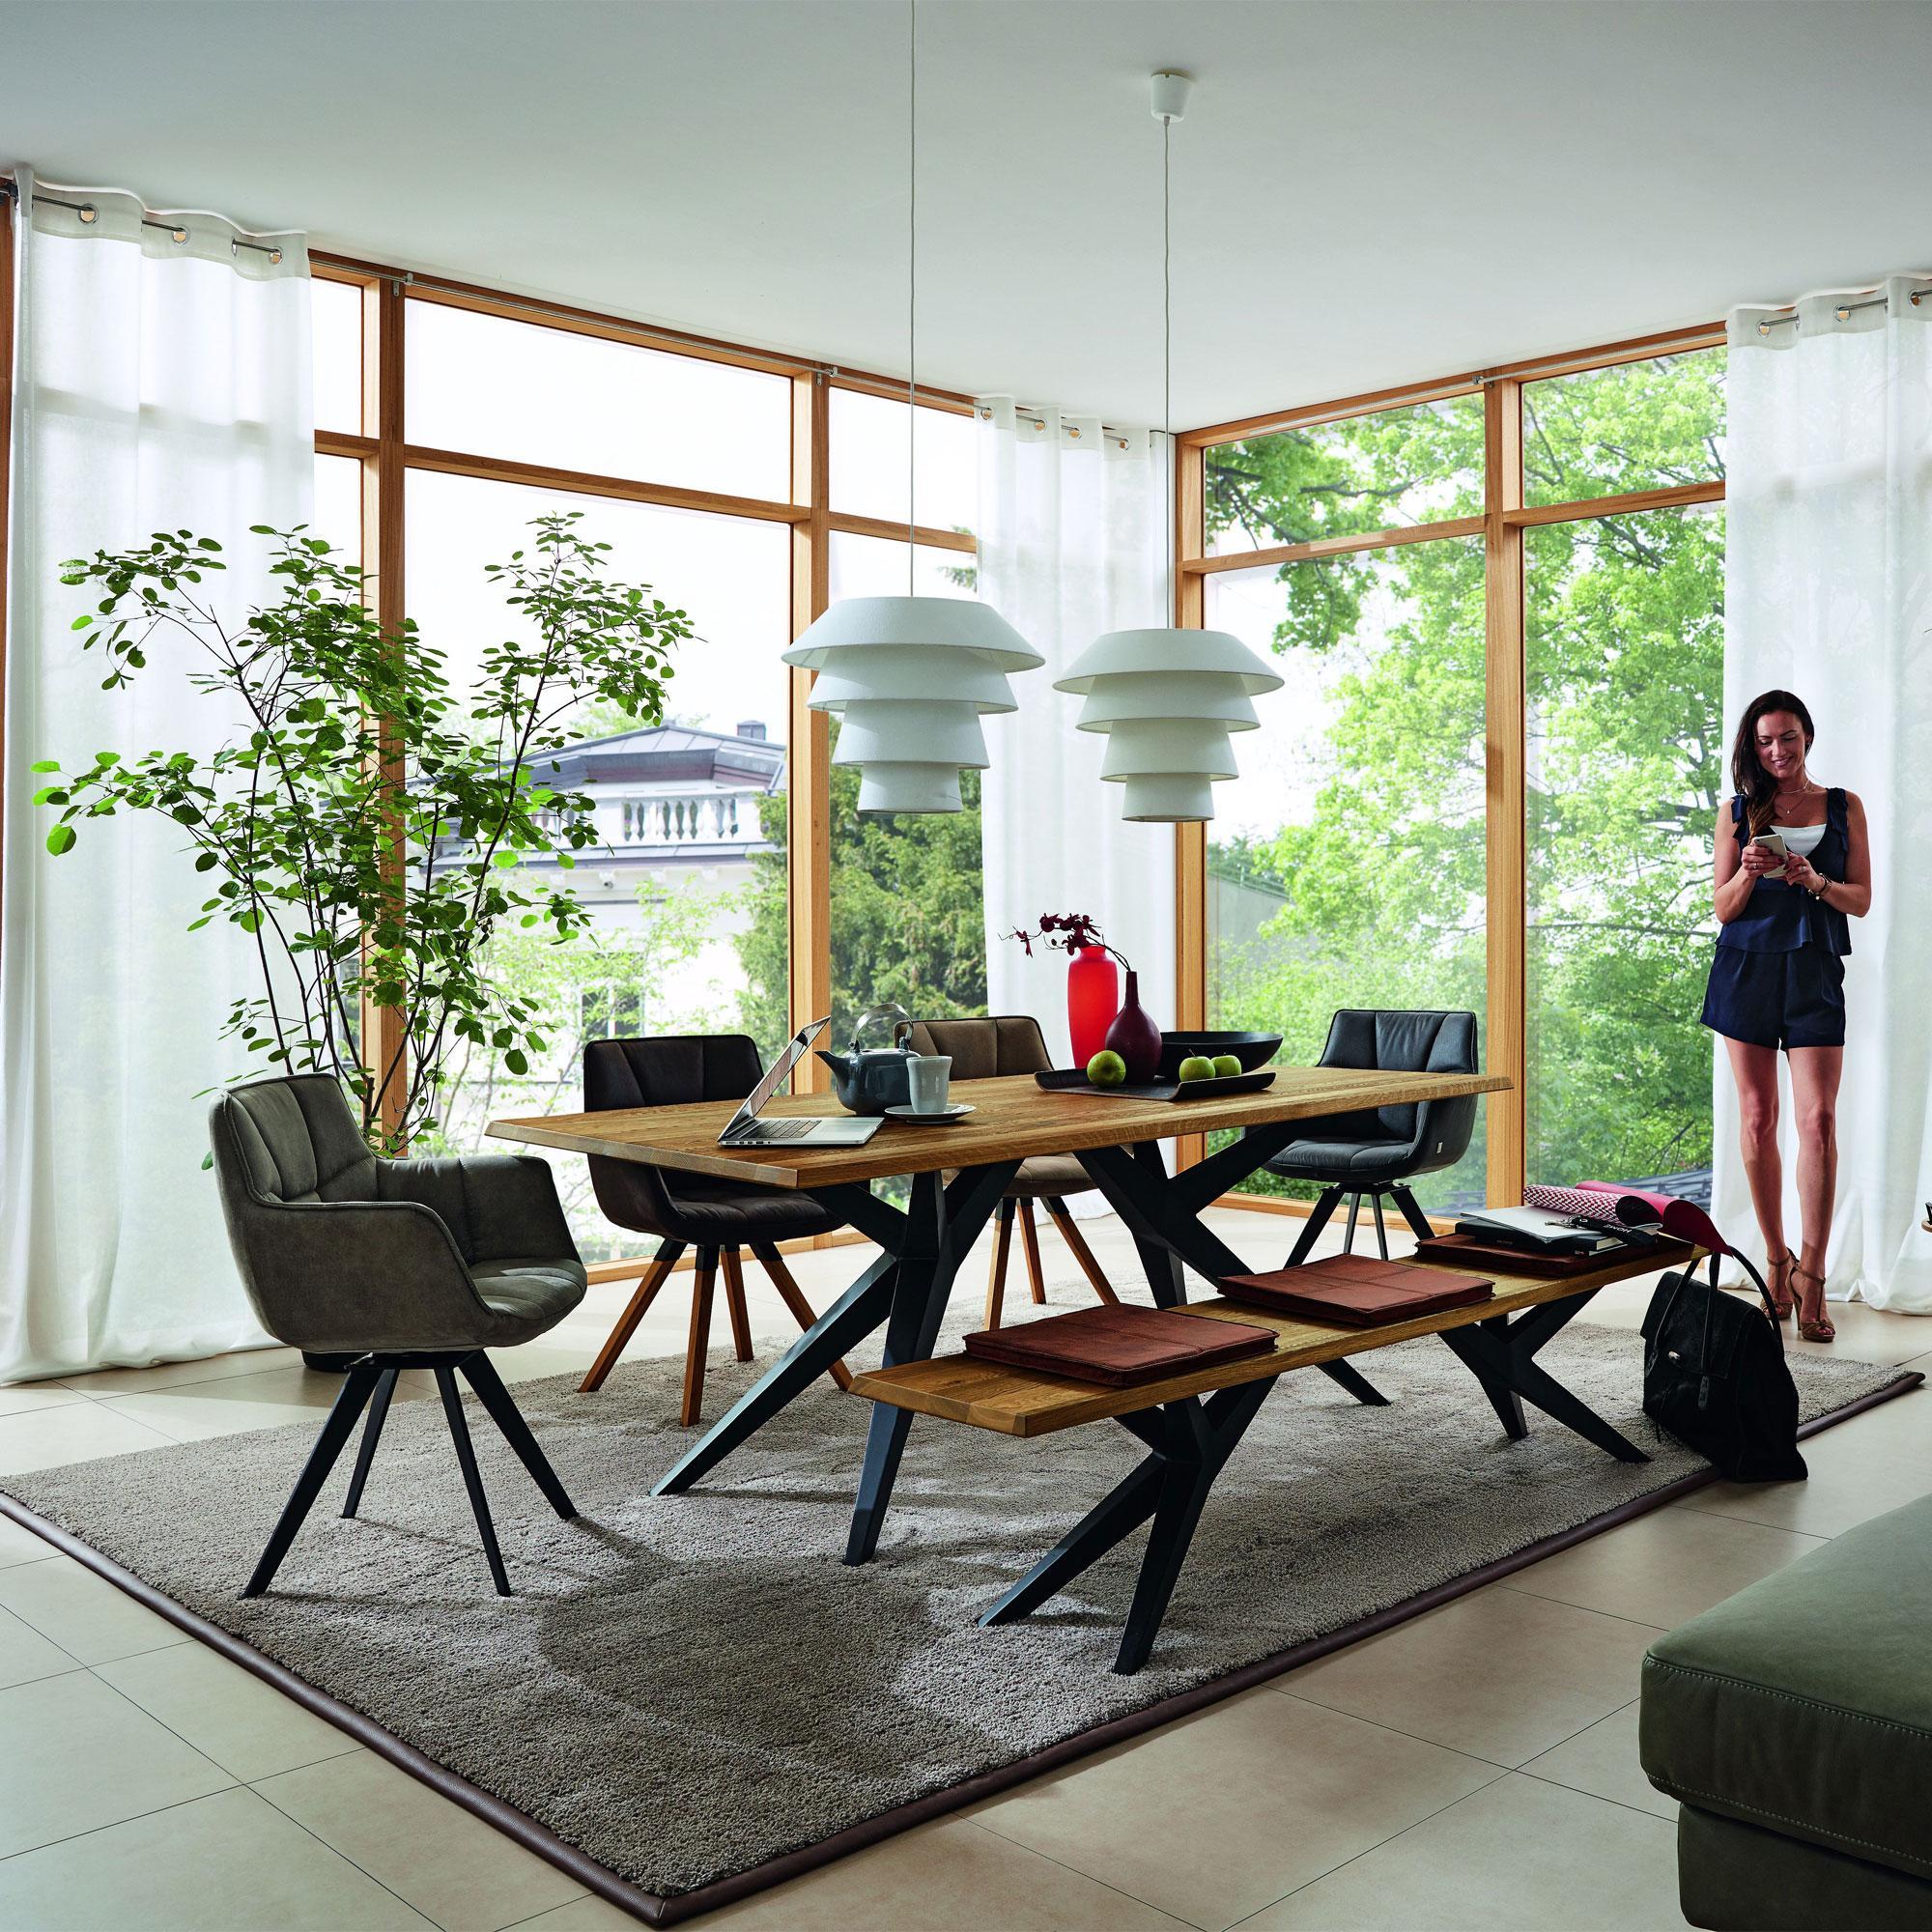 Full Size of Esstische Ausziehbar Bett Modern Design Kleine Designer Lampen Esstisch Massivholz Rund Moderne Regale Betten Holz Massiv Runde Küche Industriedesign Esstische Esstische Design